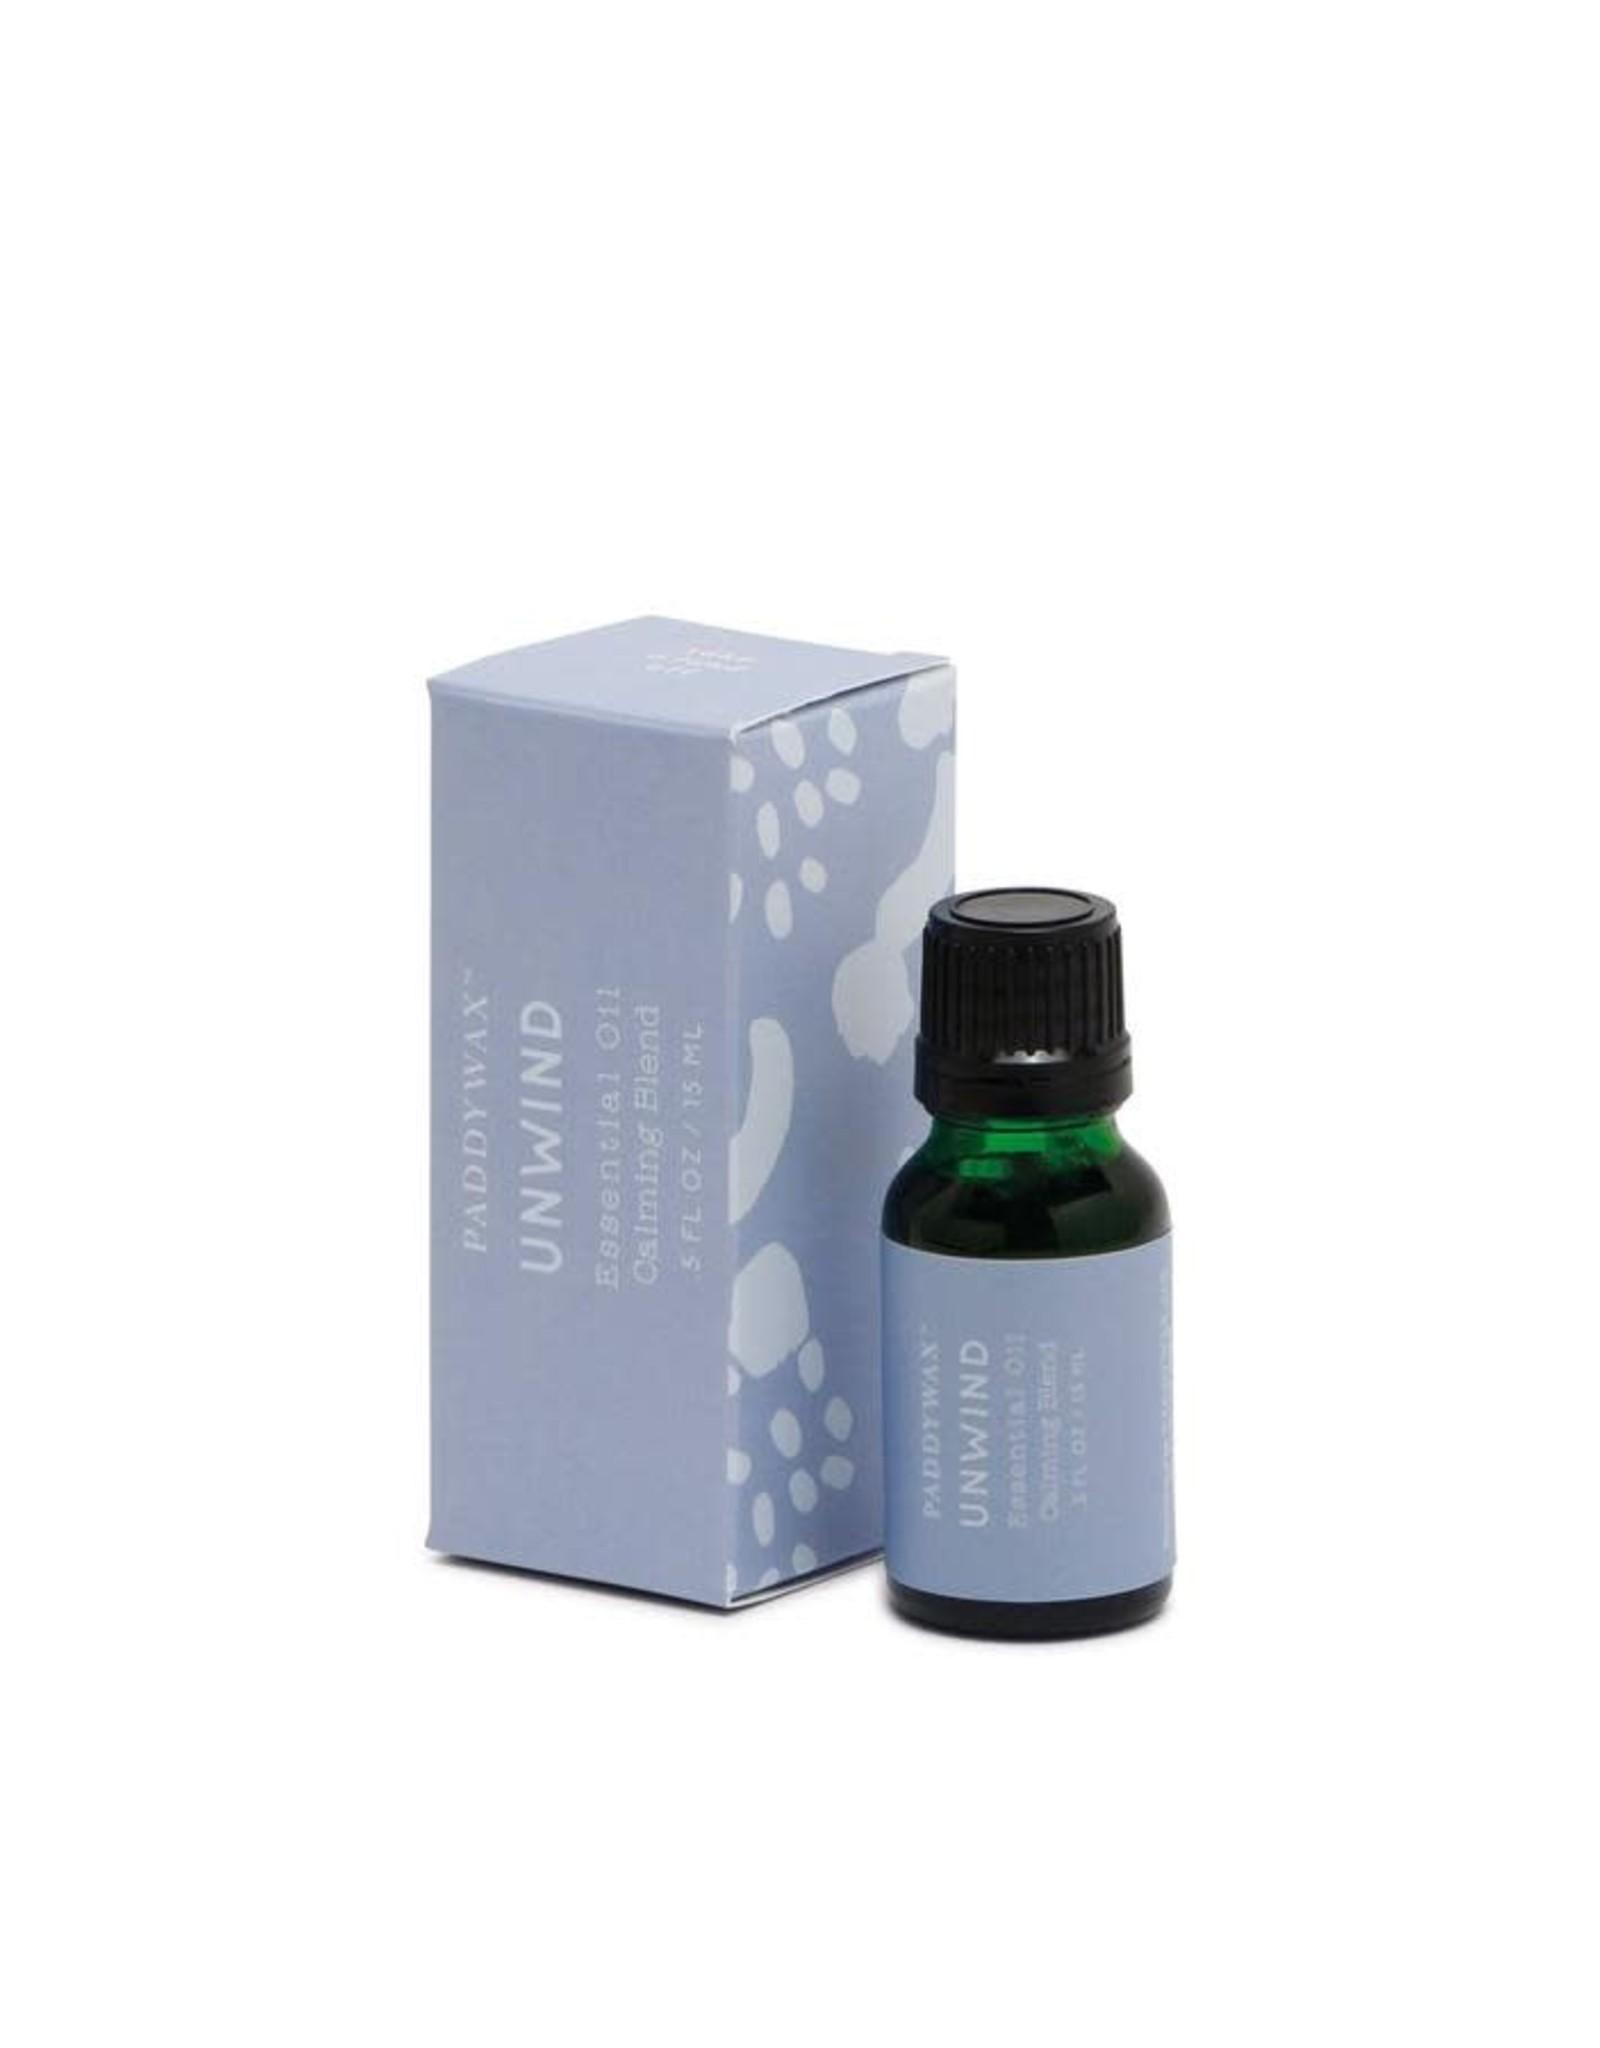 Paddywax Essential Oils